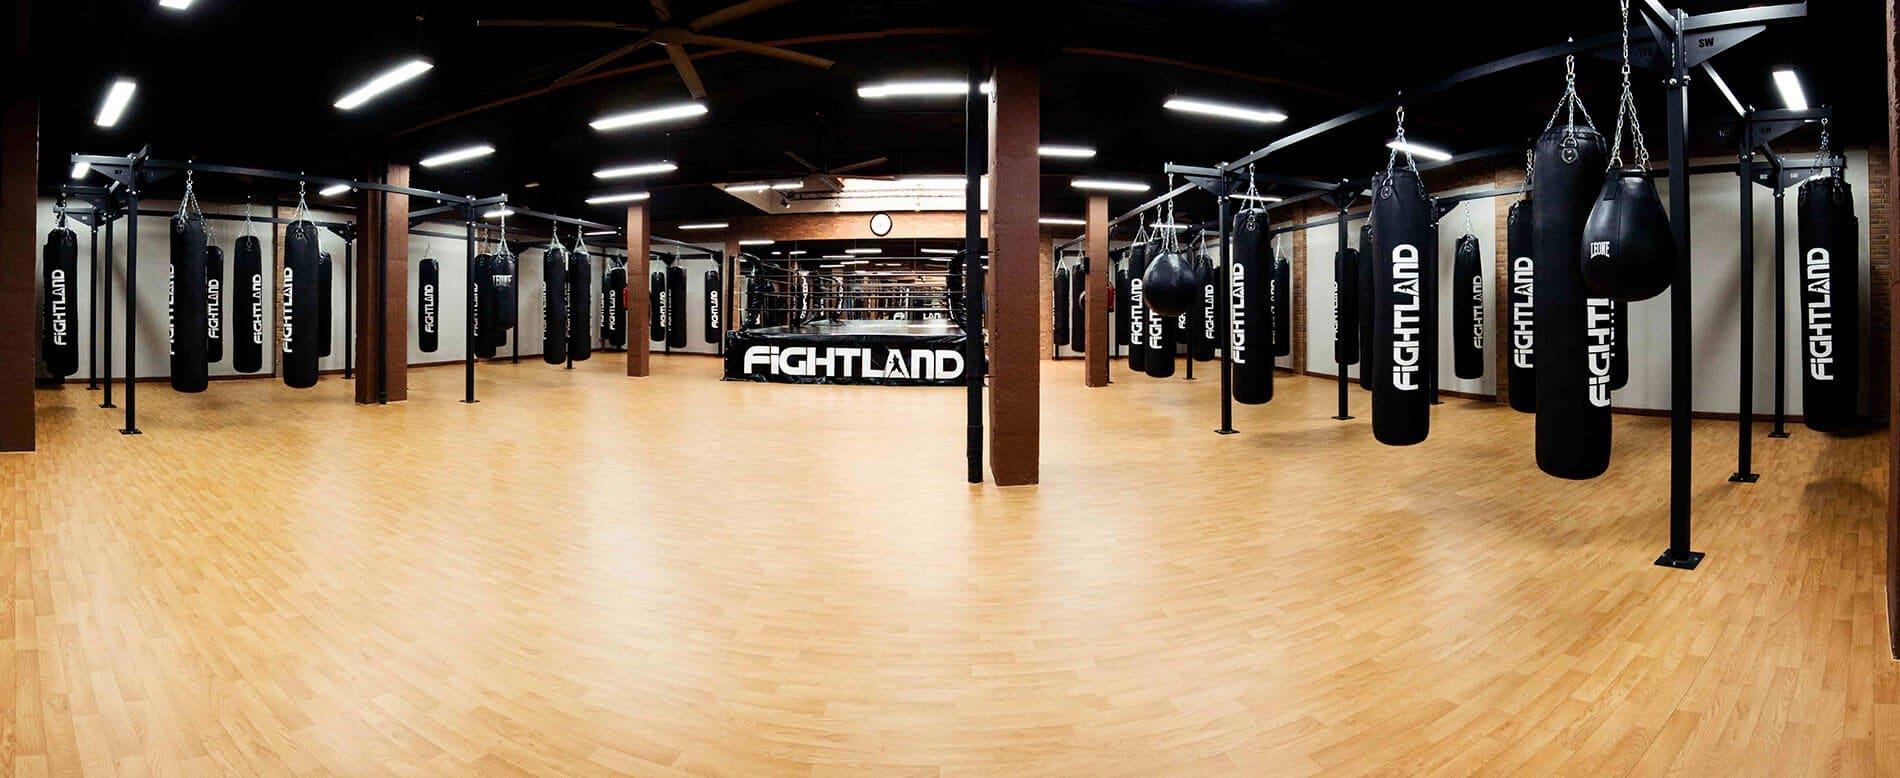 Fightland - Club Boxeo - Azca Madrid